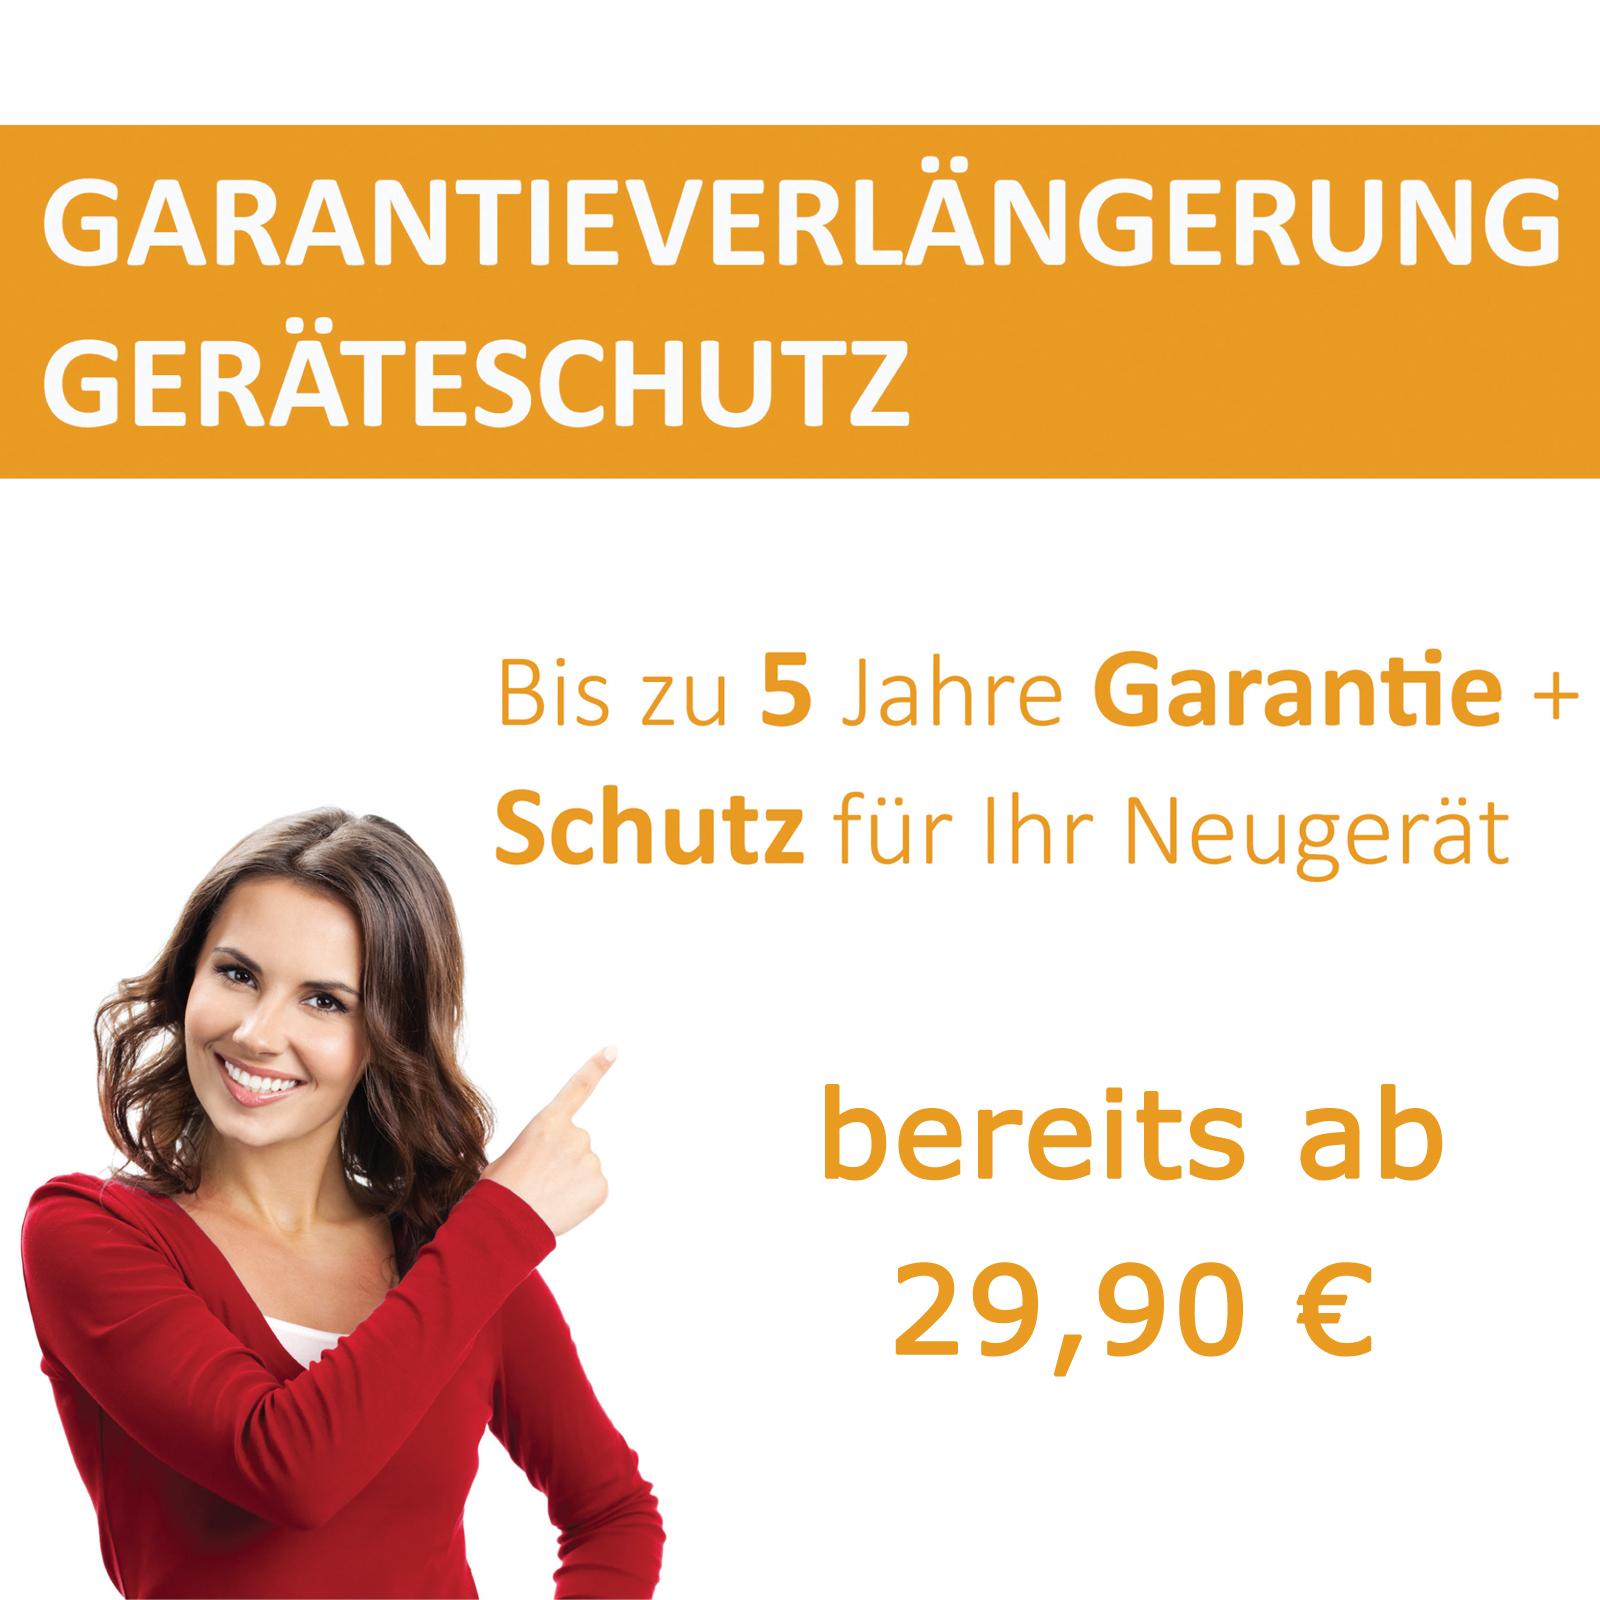 Garantieverlängerung für Geräte bis 2.500,- € inkl. MwSt.